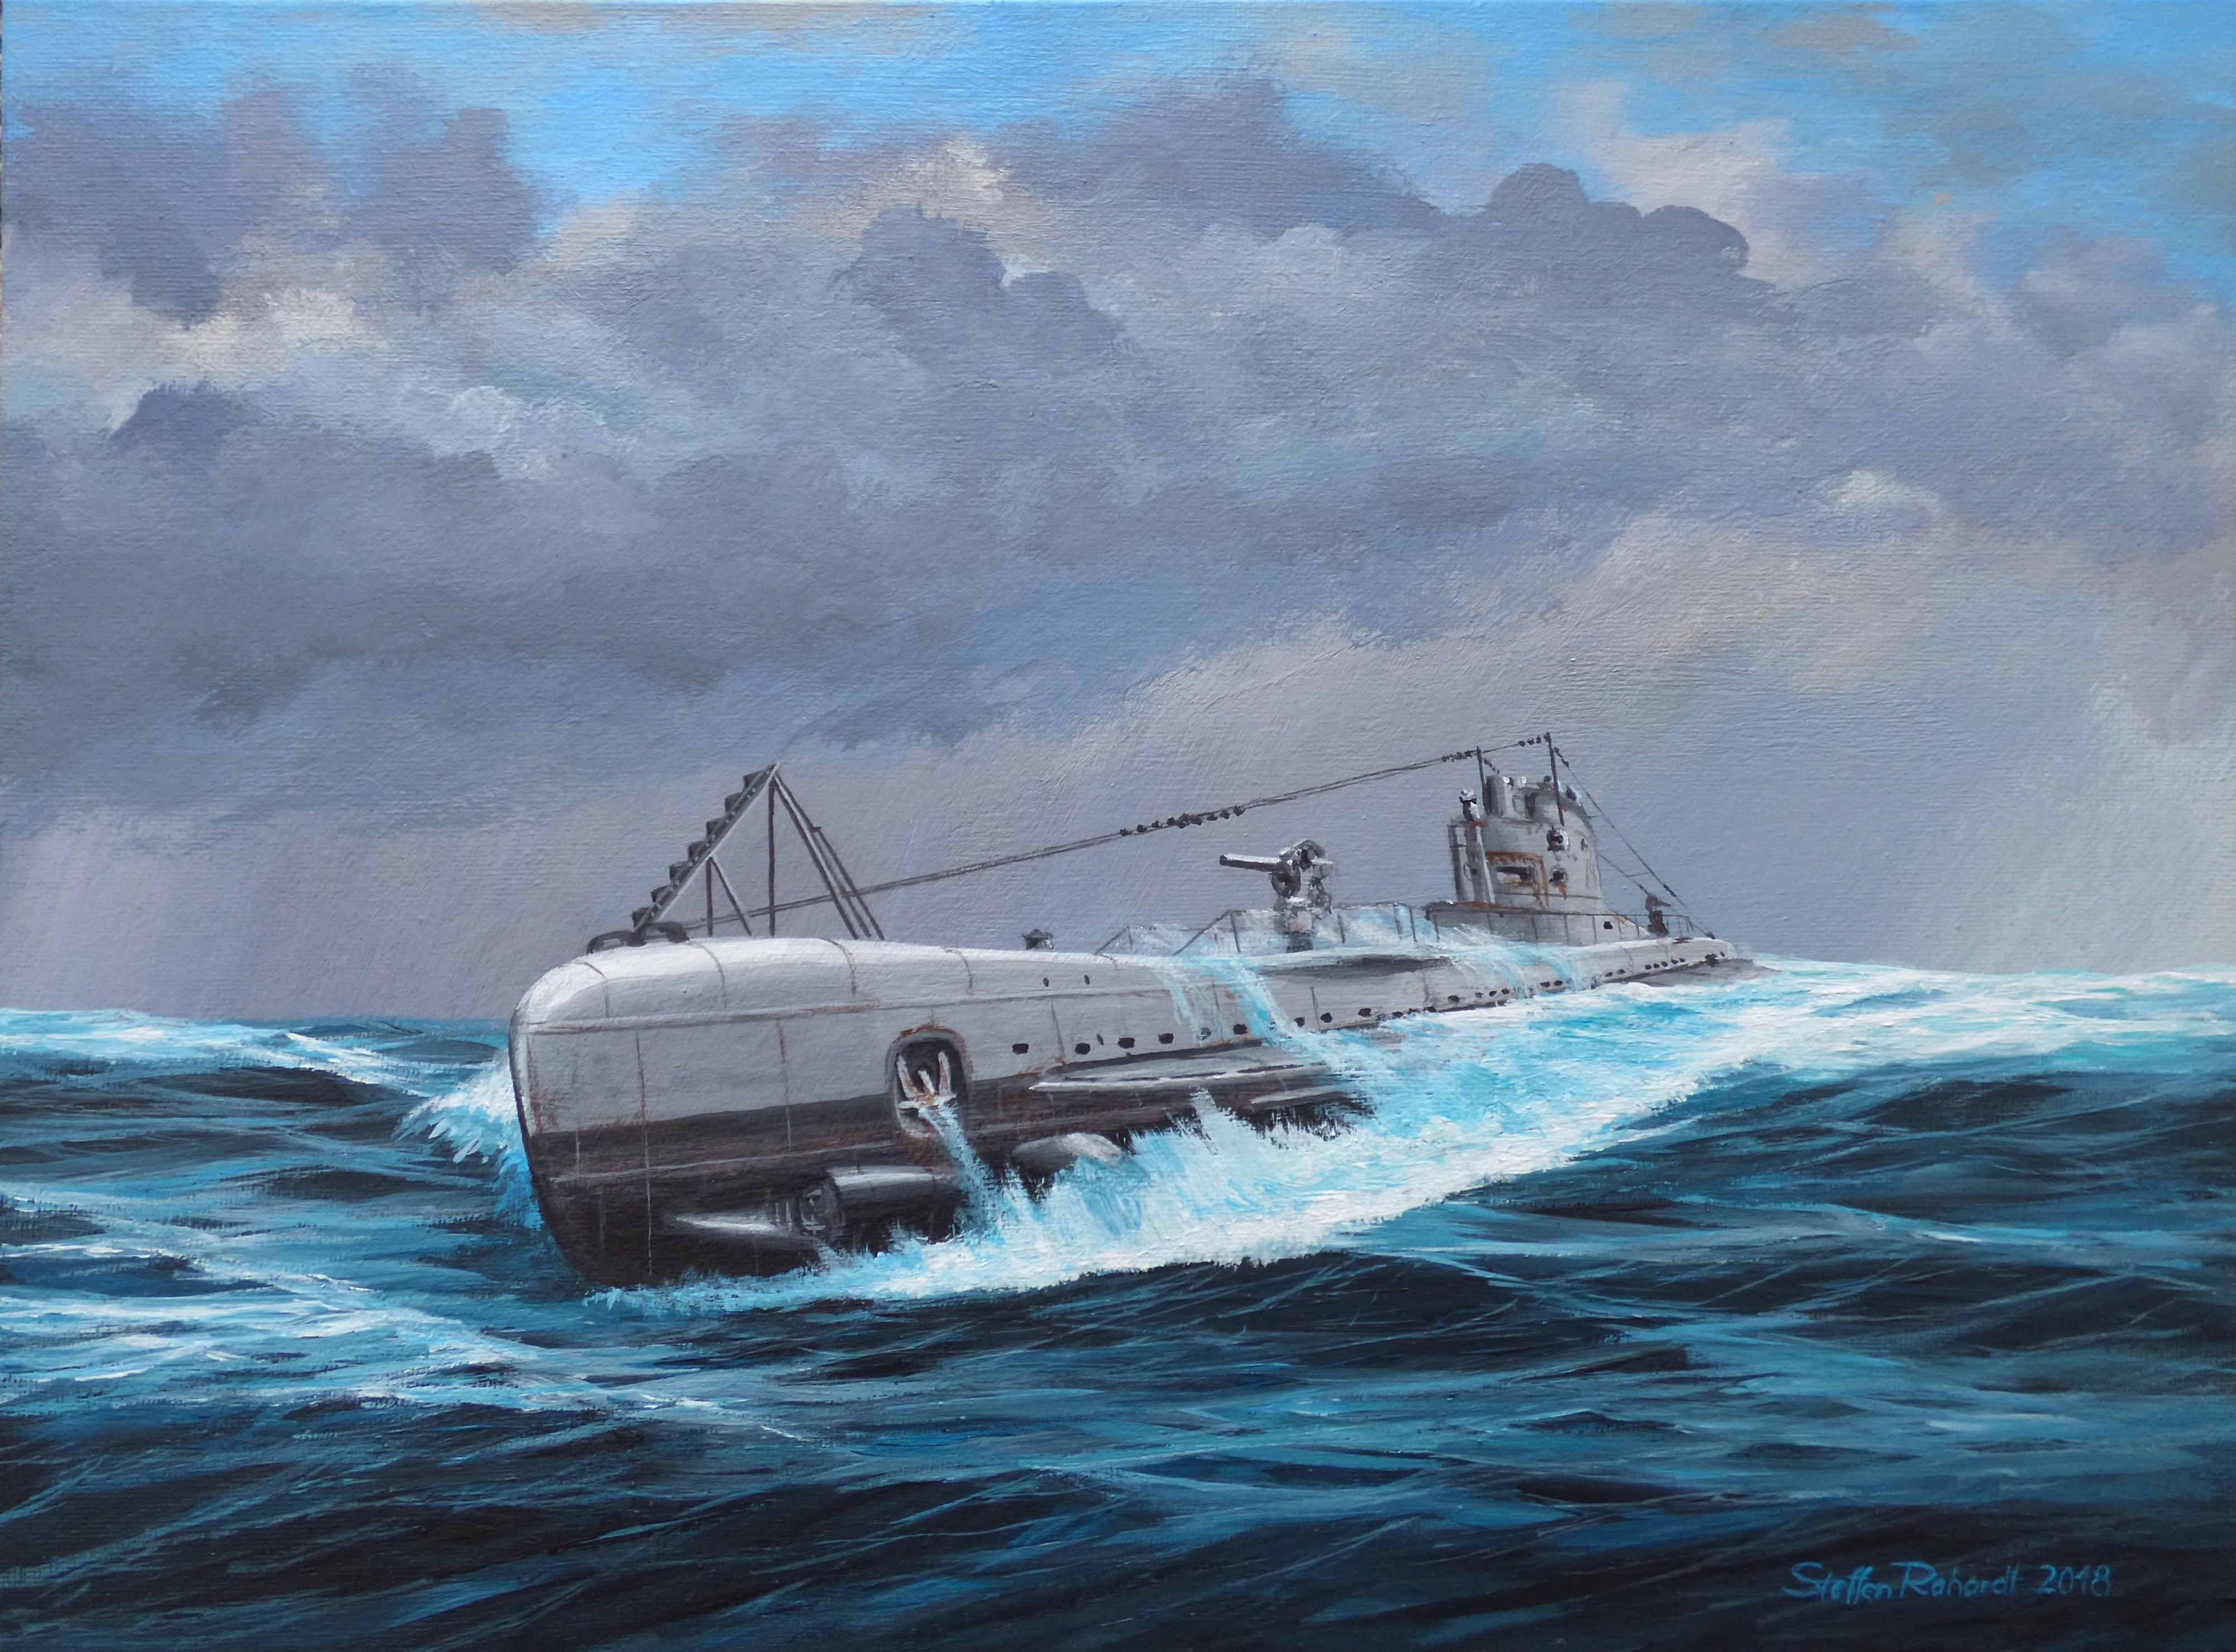 Pin Von Noobiger Noobnoob Auf Tank And Co In 2020 Schlachtschiff